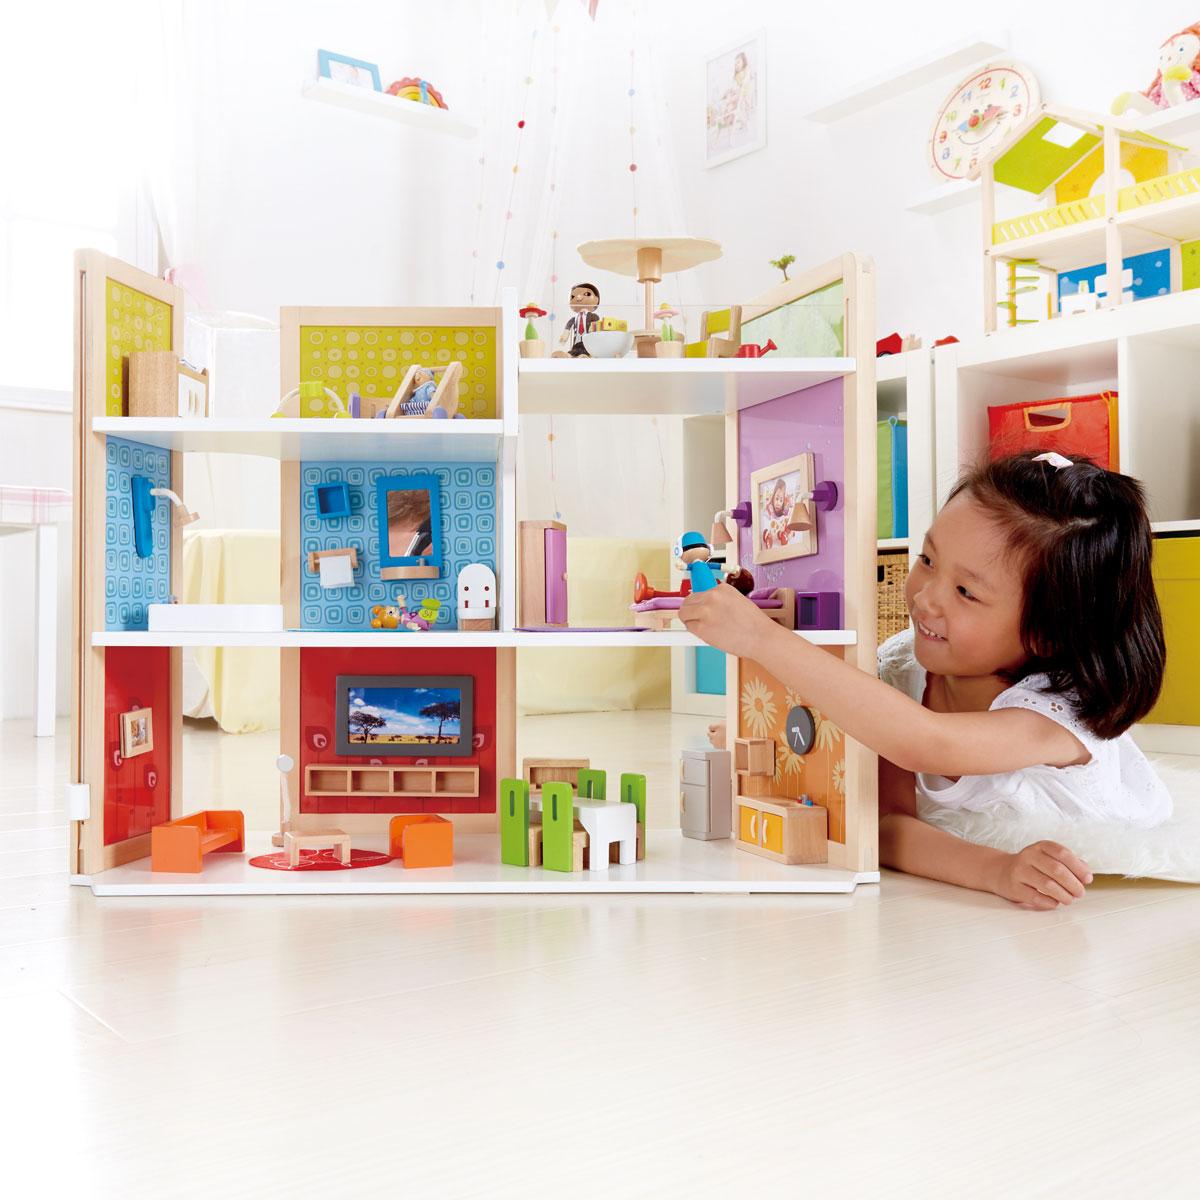 Hape casa dei sogni fai da te e3403 giocattoli di legno for Planimetrie delle case dei sogni dei kentucky